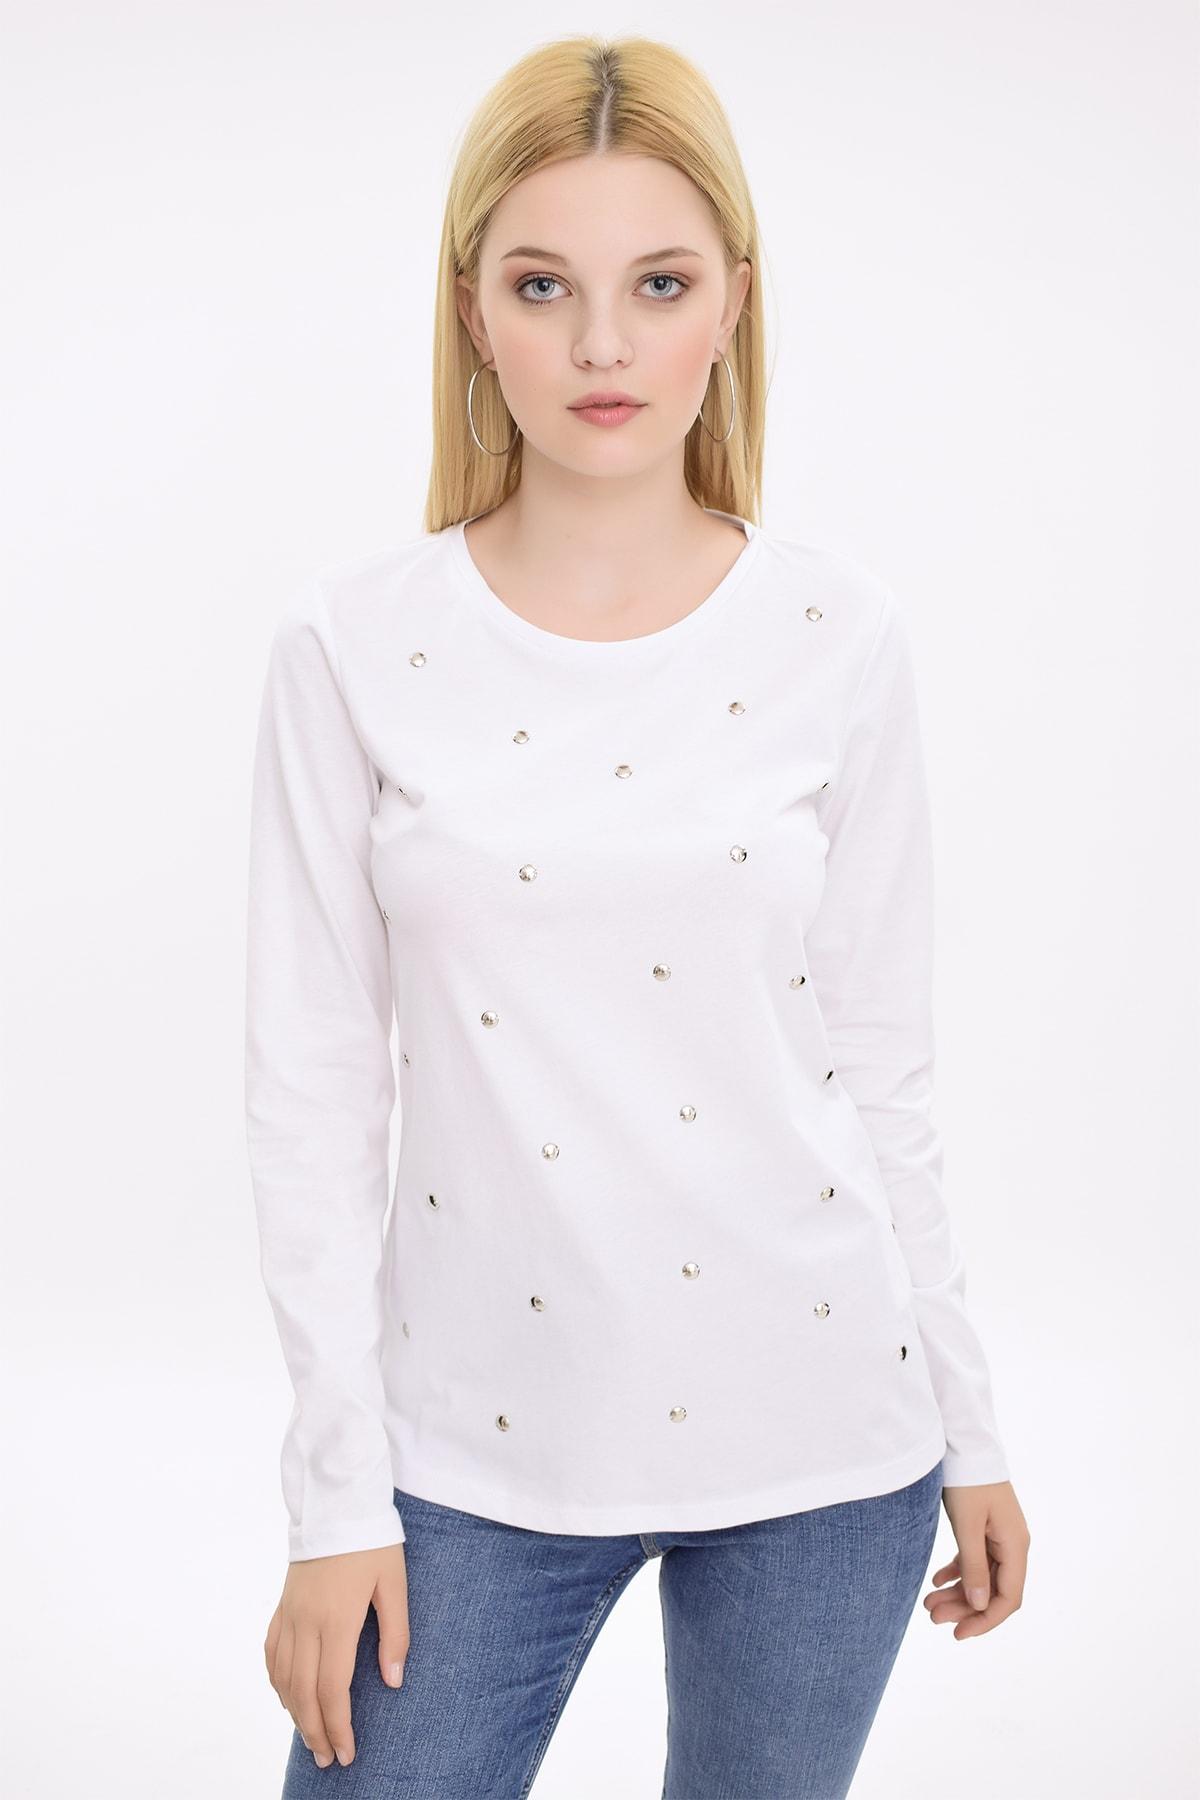 Hanna's Kadın Beyaz Metal Boncuk İşlemeli Uzun Kollu Bluz HN2079